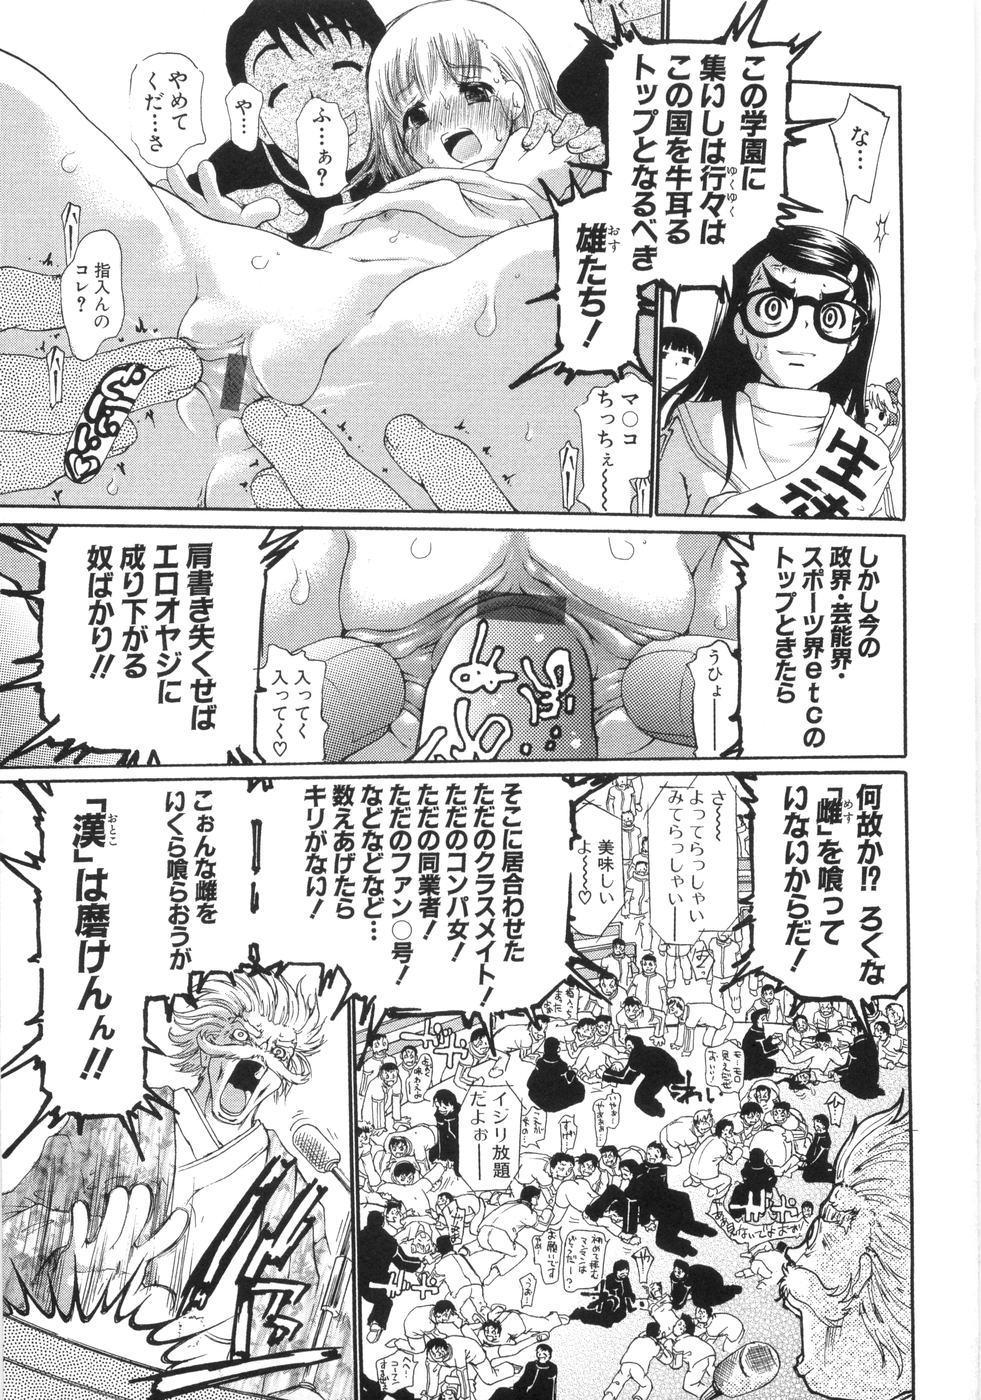 0 PULL TOWN Gakuen e Youkoso! 23